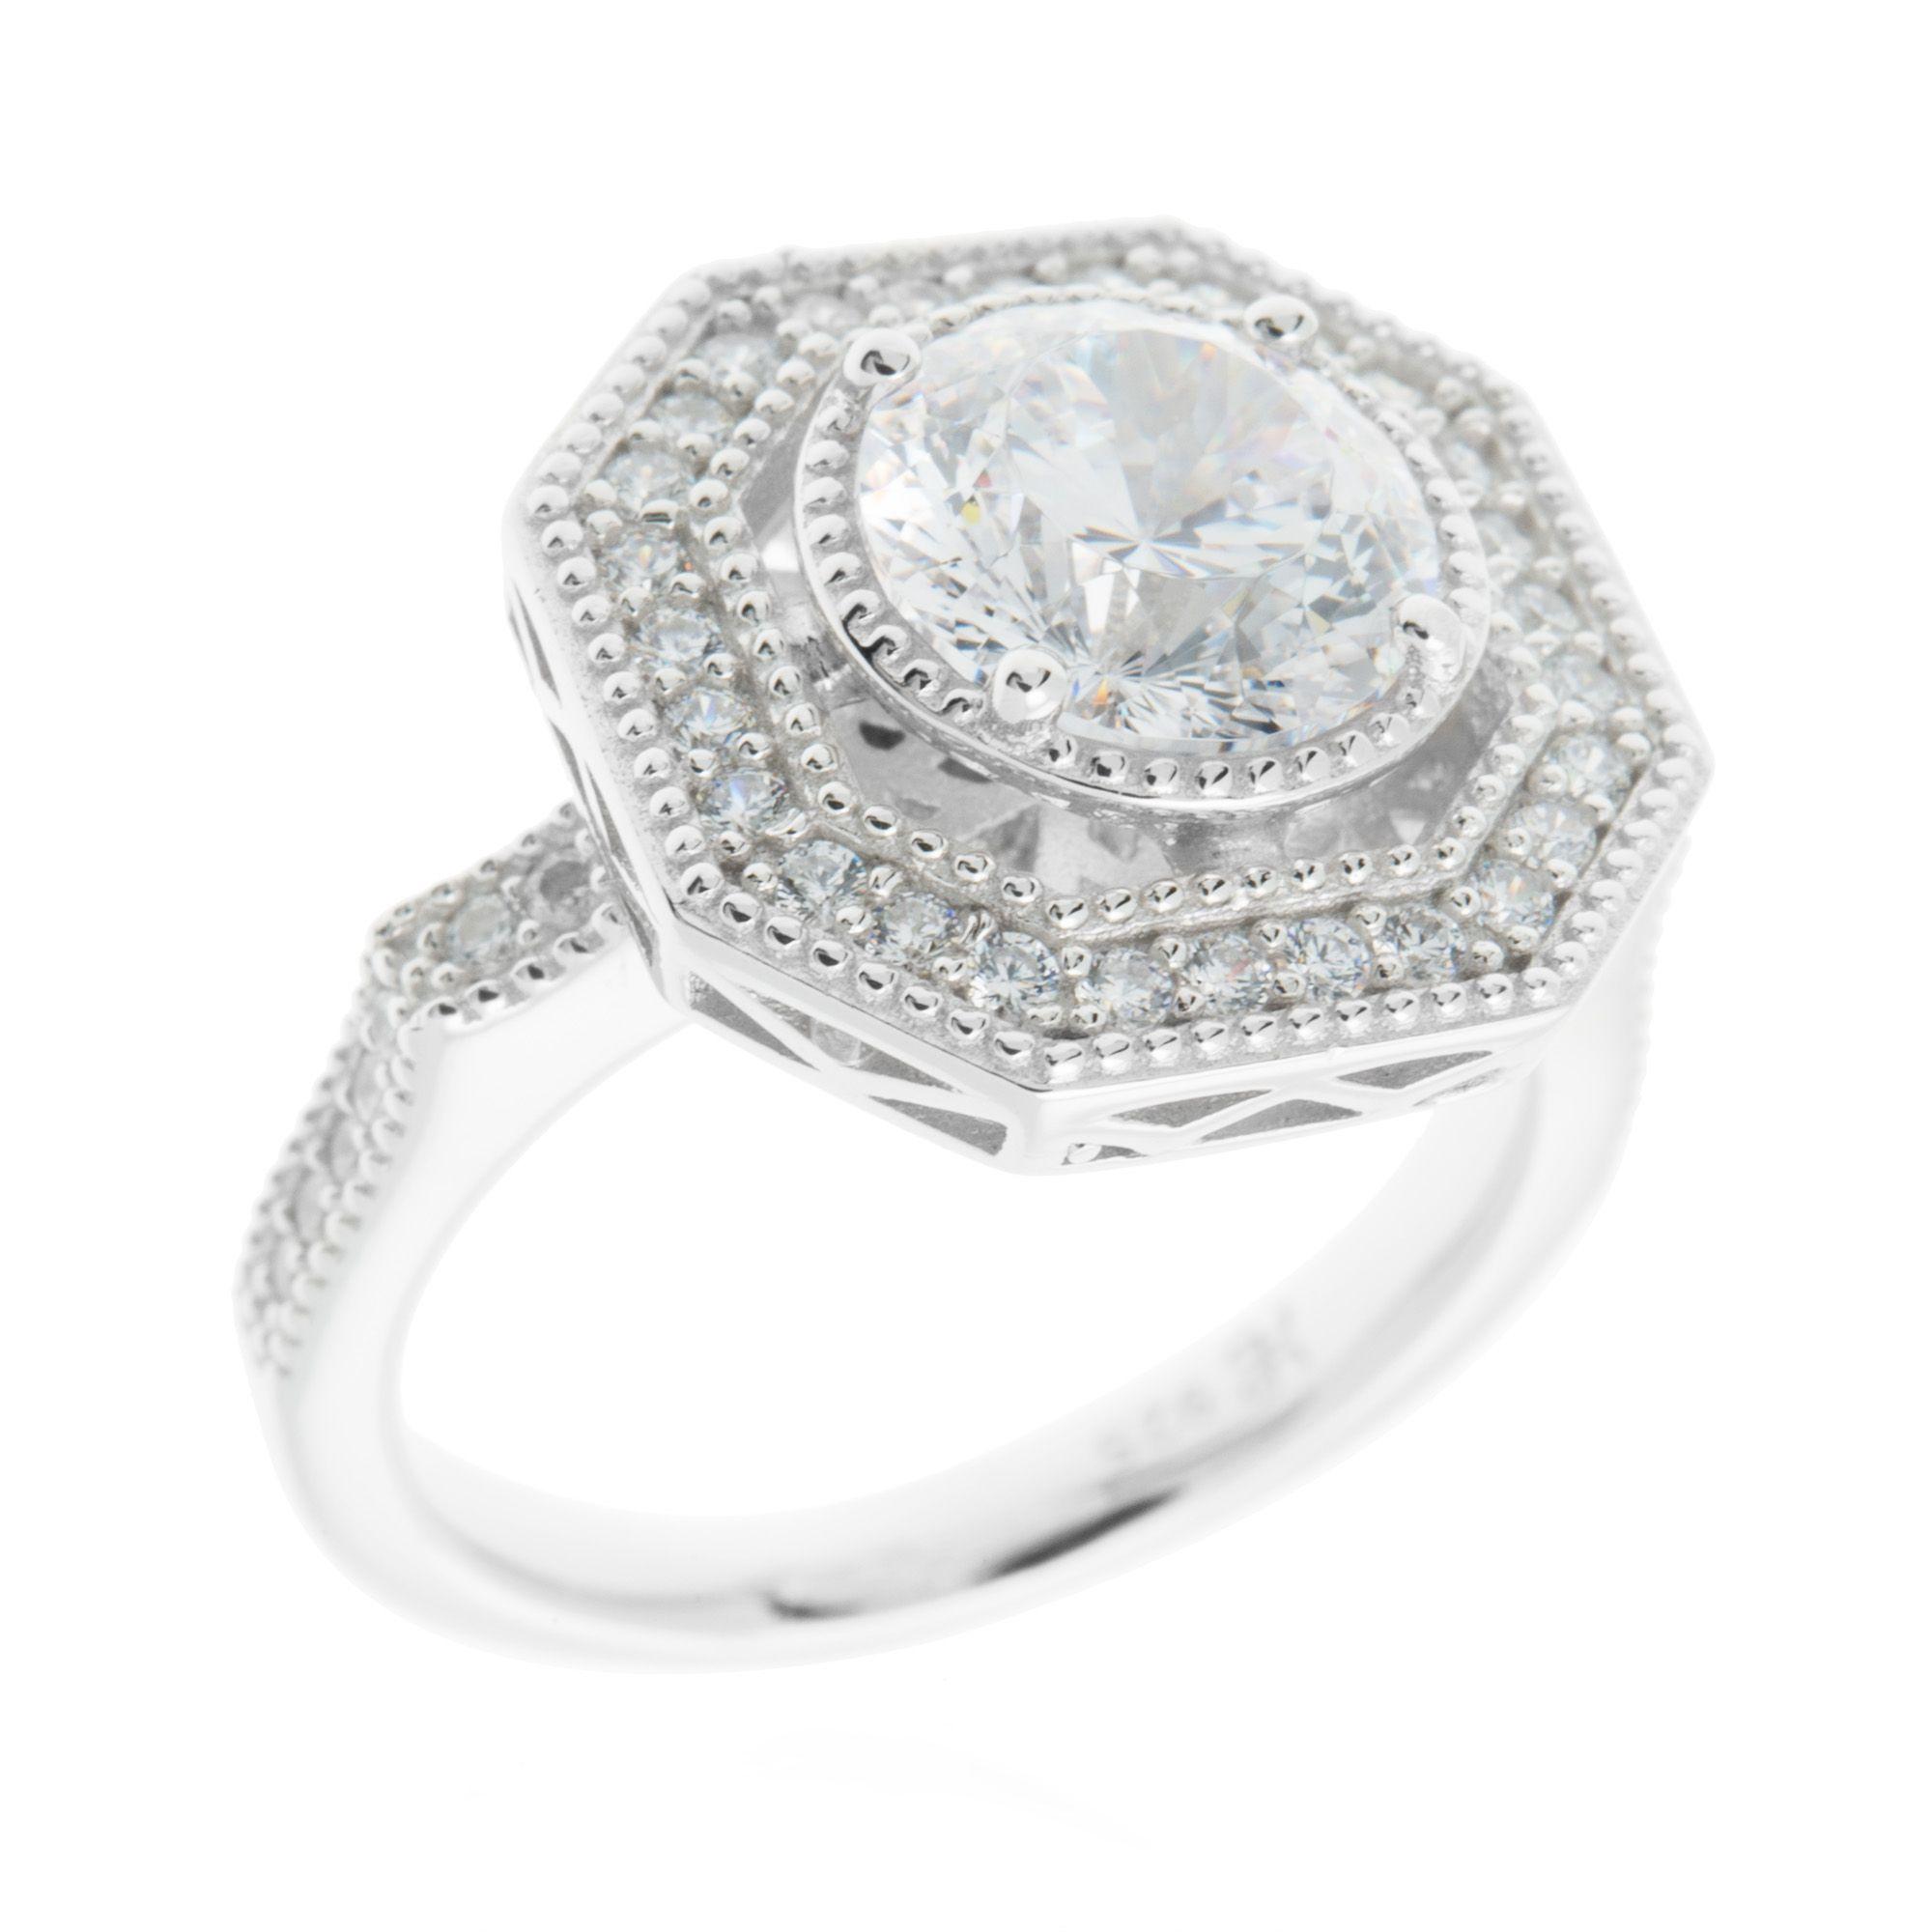 Diamonique solaris anello pari a placcato platino qvc italia - Qvc marchi cucina ...